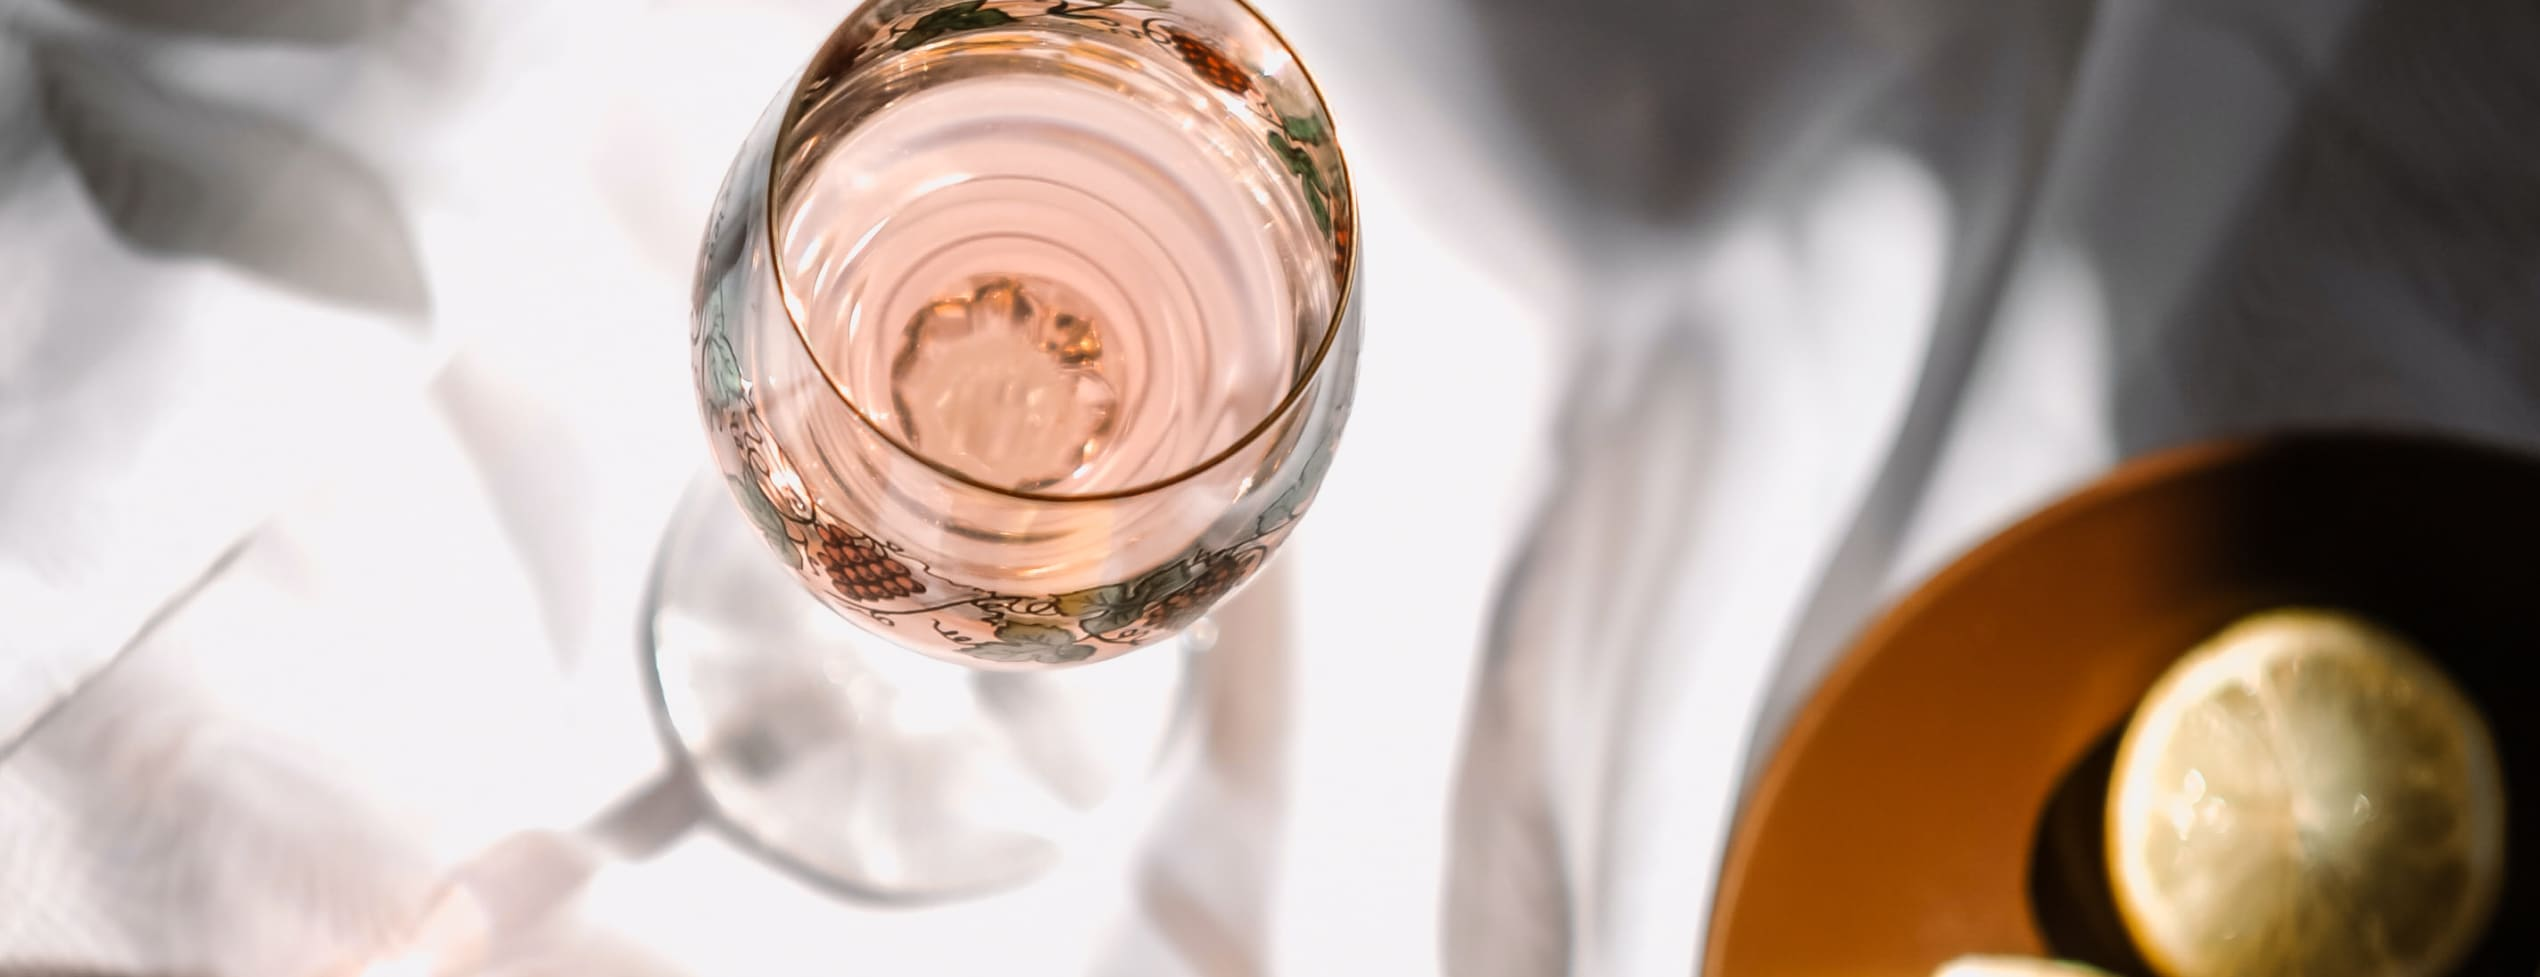 Vinprovning - Rosévin